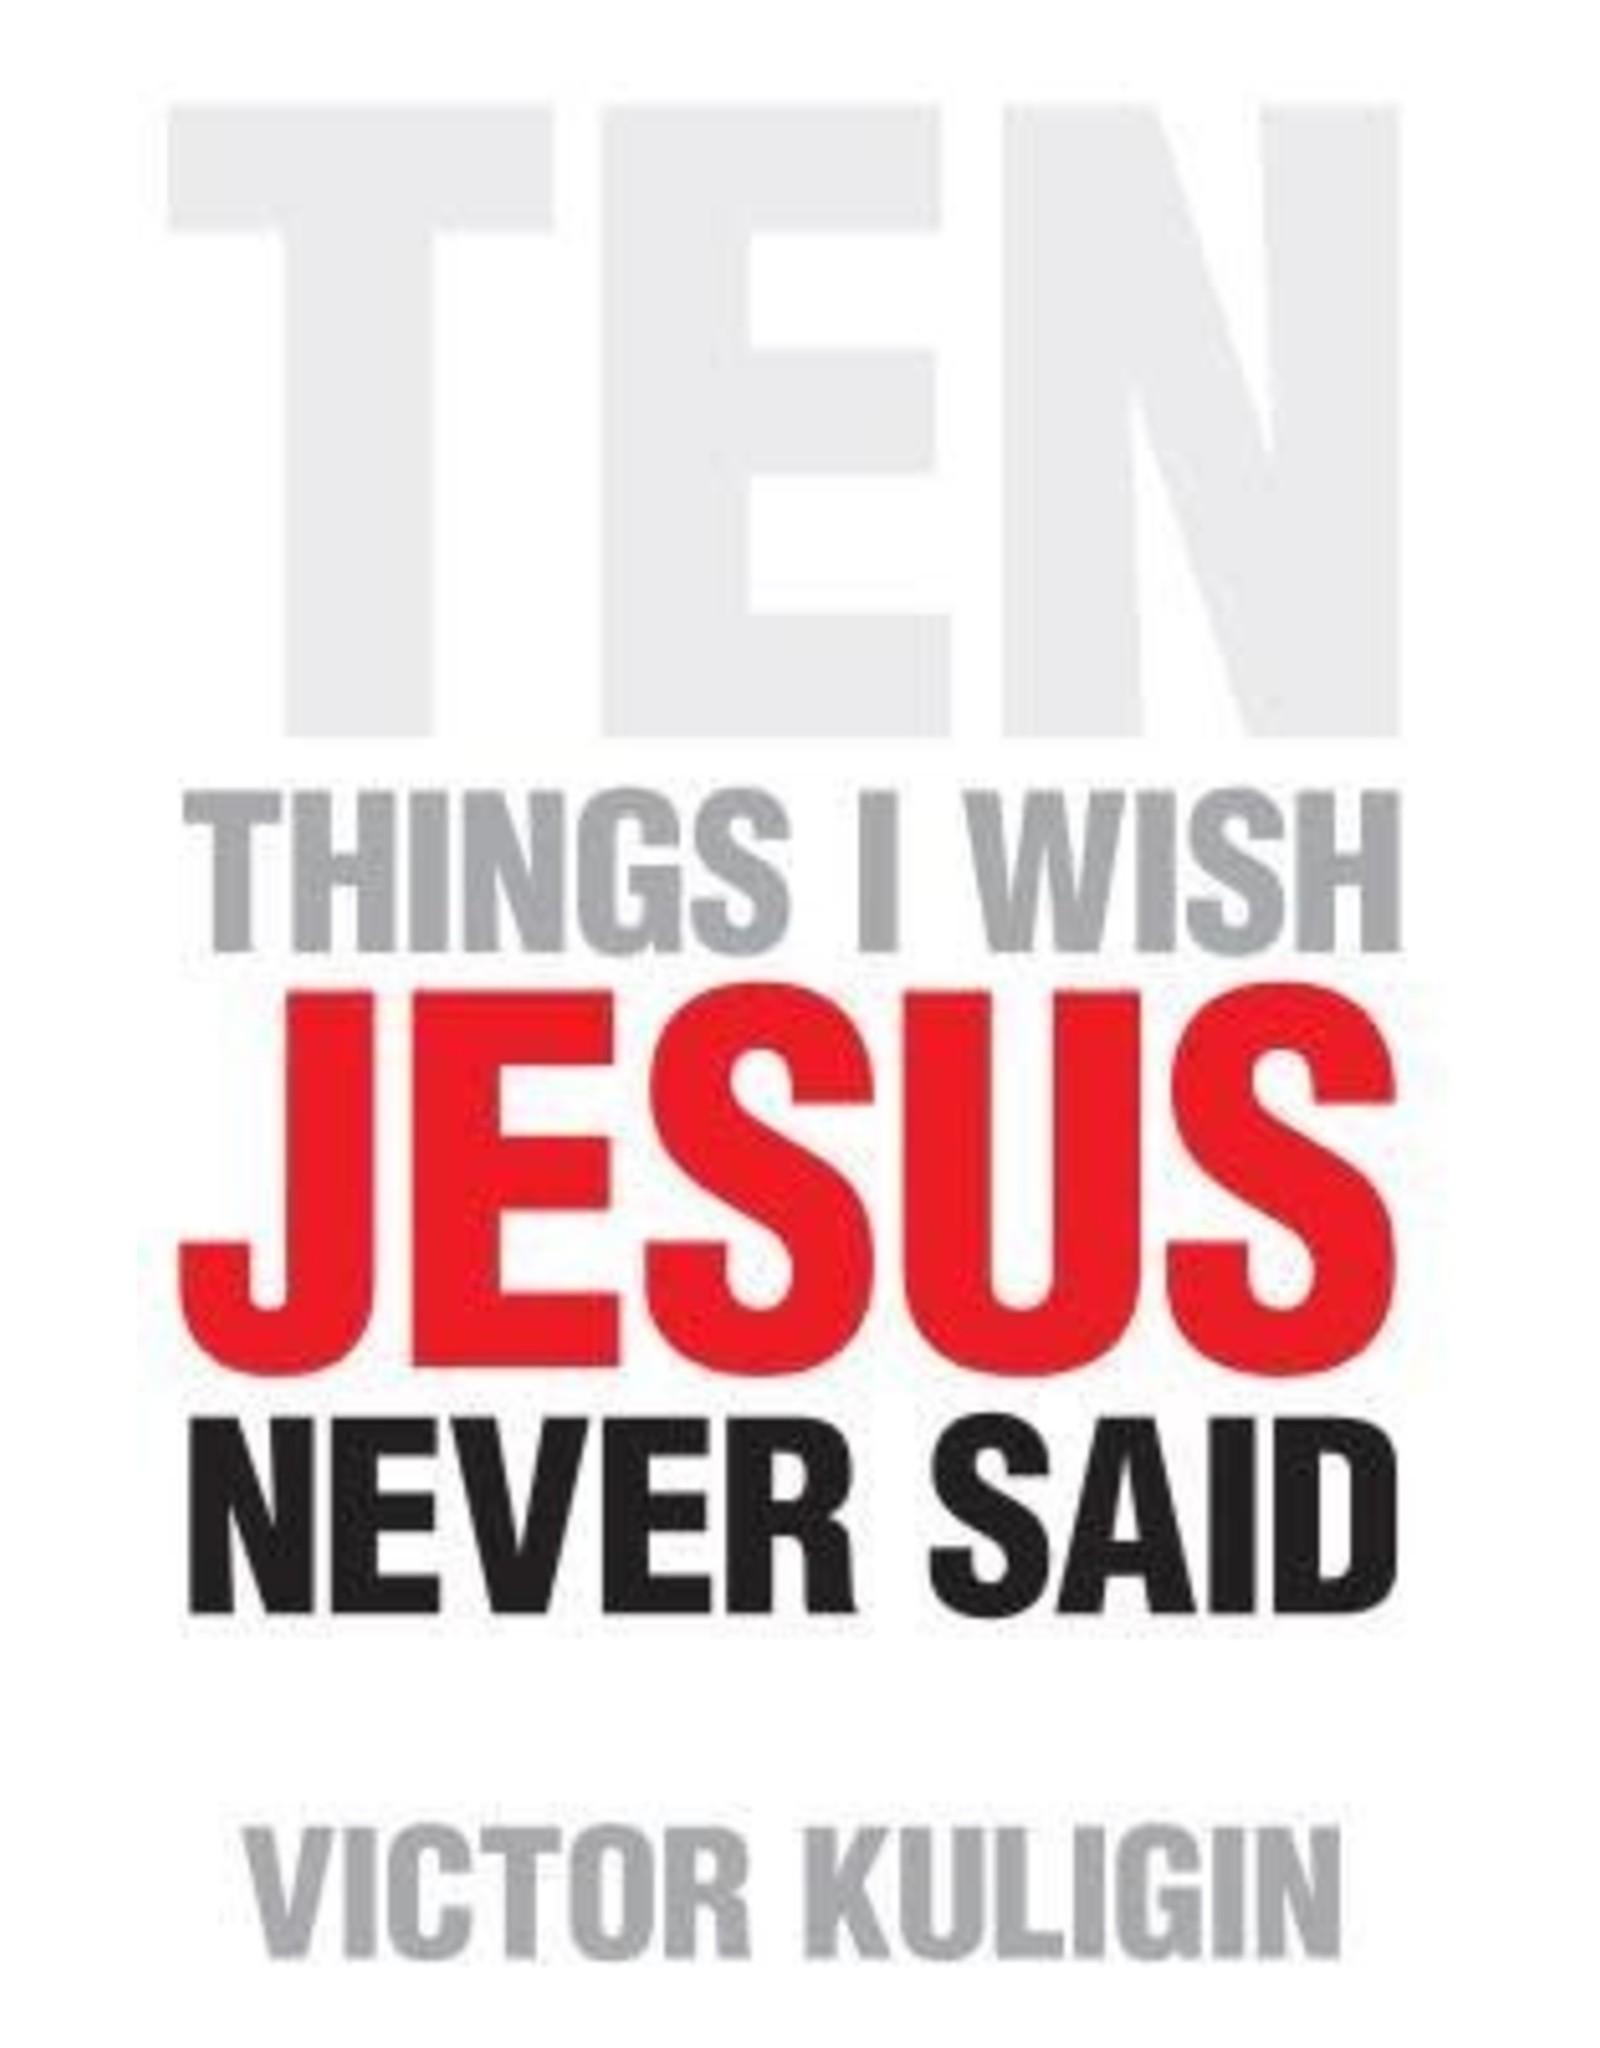 Kuligan Ten Things I Wish Jesus Never Said